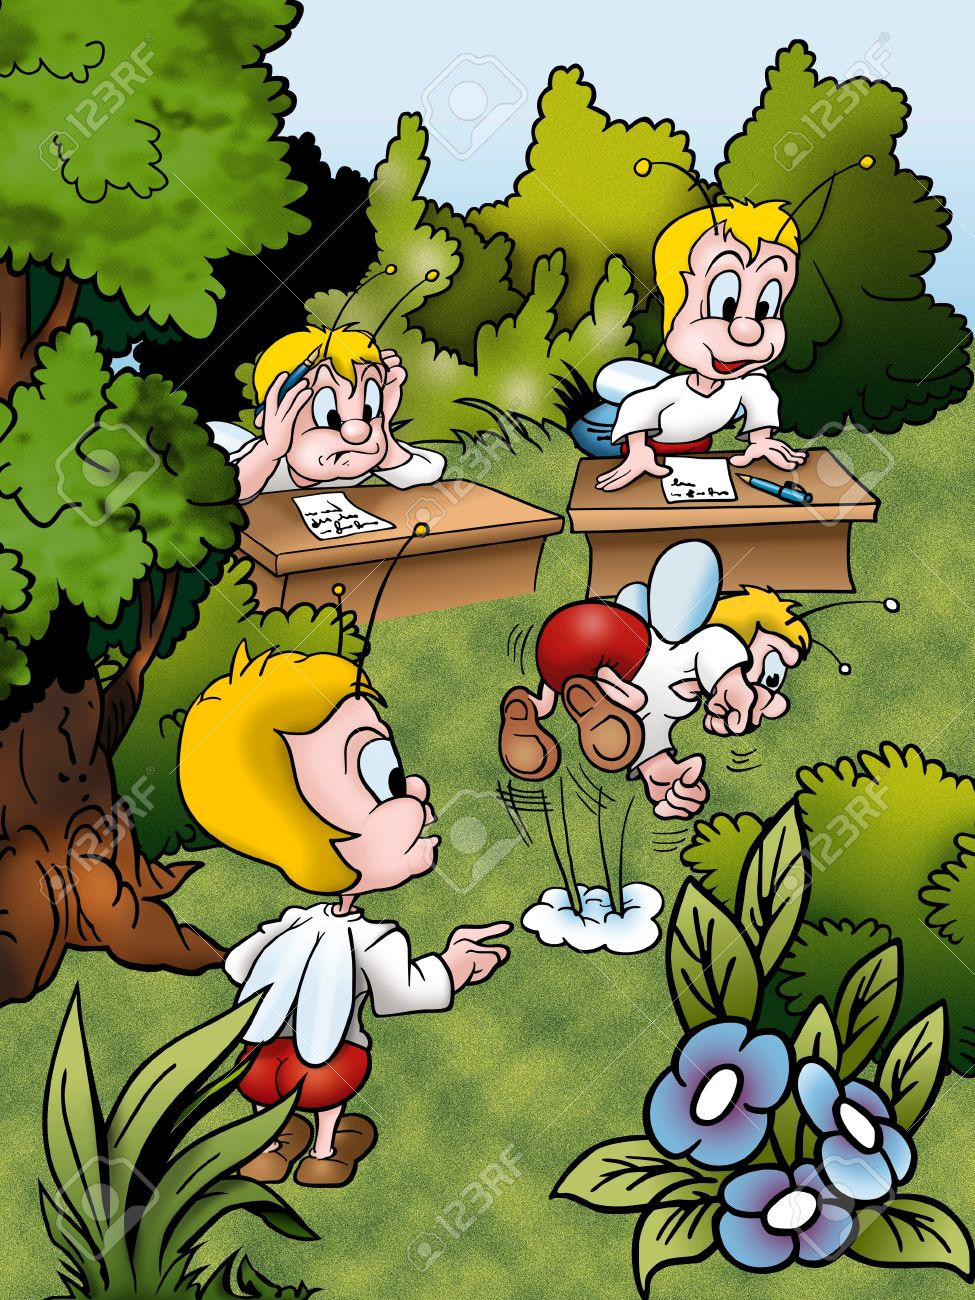 Empty cartoon classroom background - Classroom Cartoons Bugs Cartoon Background Illustration Bitmap Stock Photo